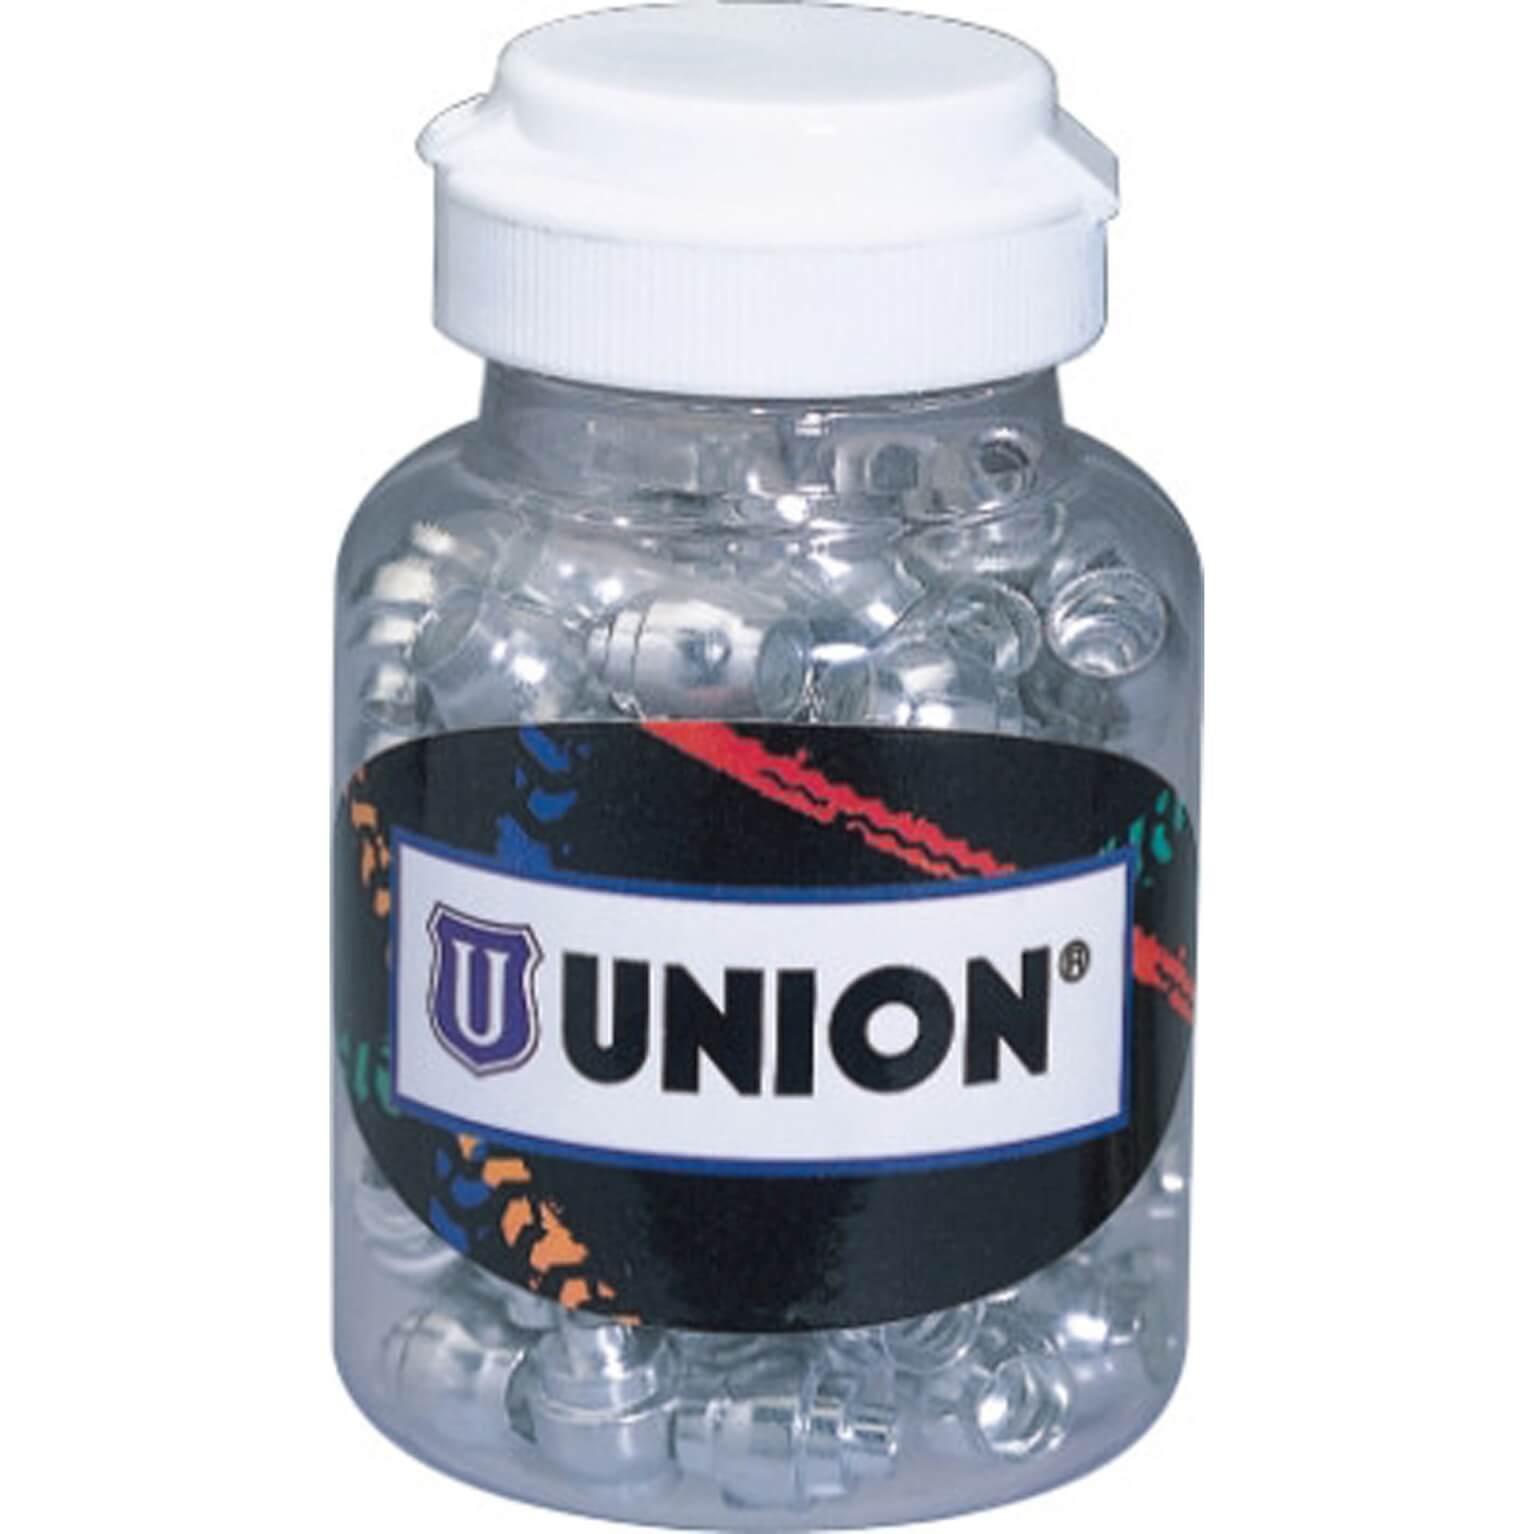 Union kabelhoedjes 5x10mm